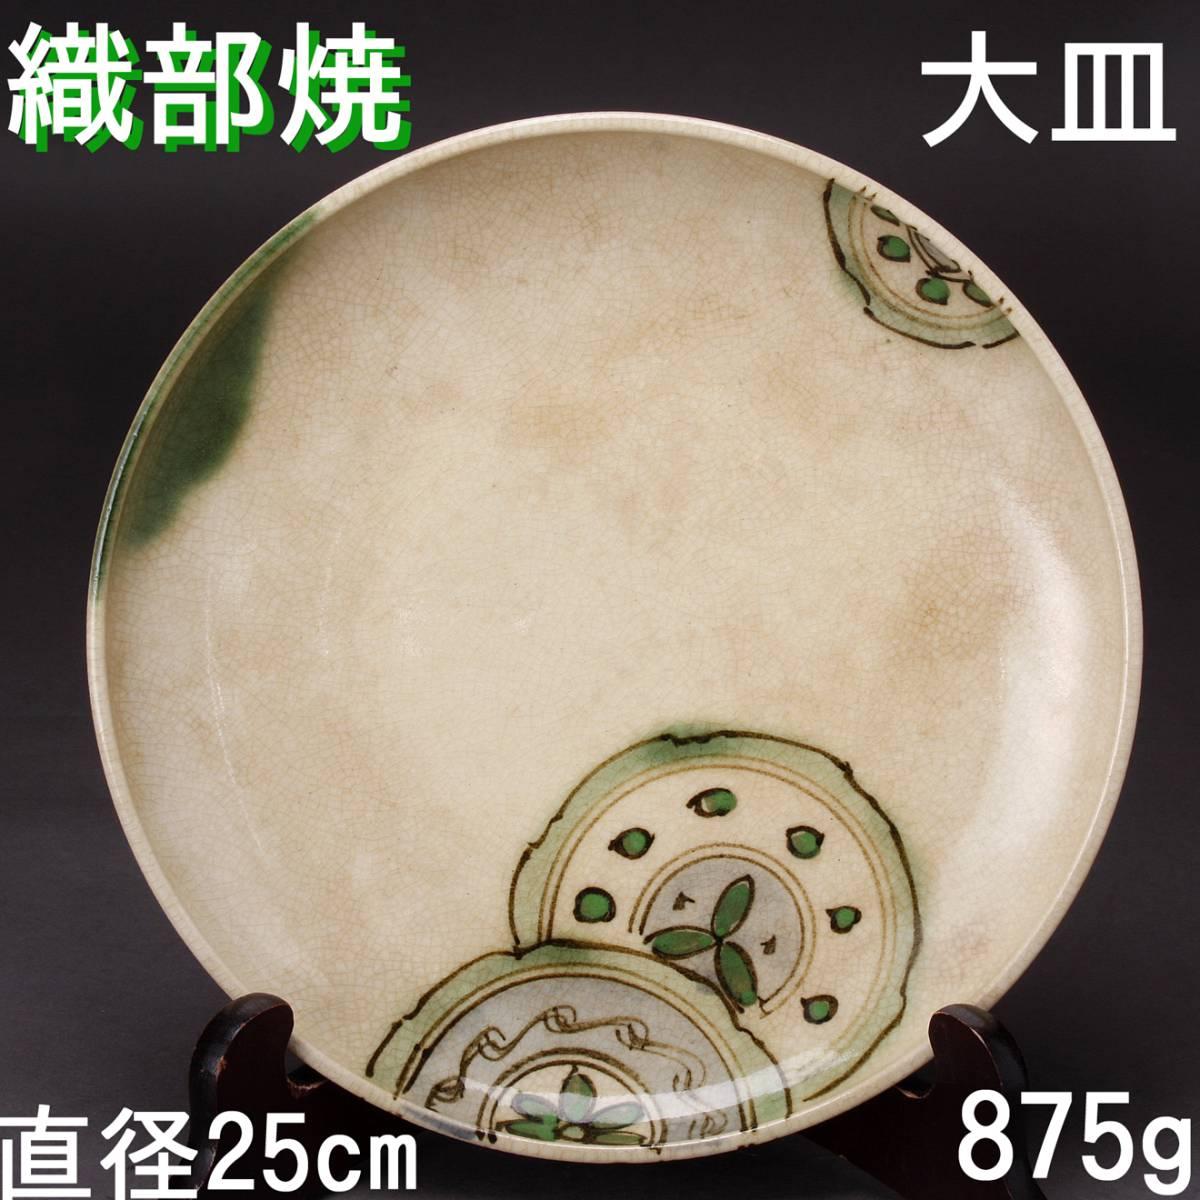 美濃焼 織部焼 大皿 暙香造 直径25㎝ 875g 中古 KA-6617_画像1